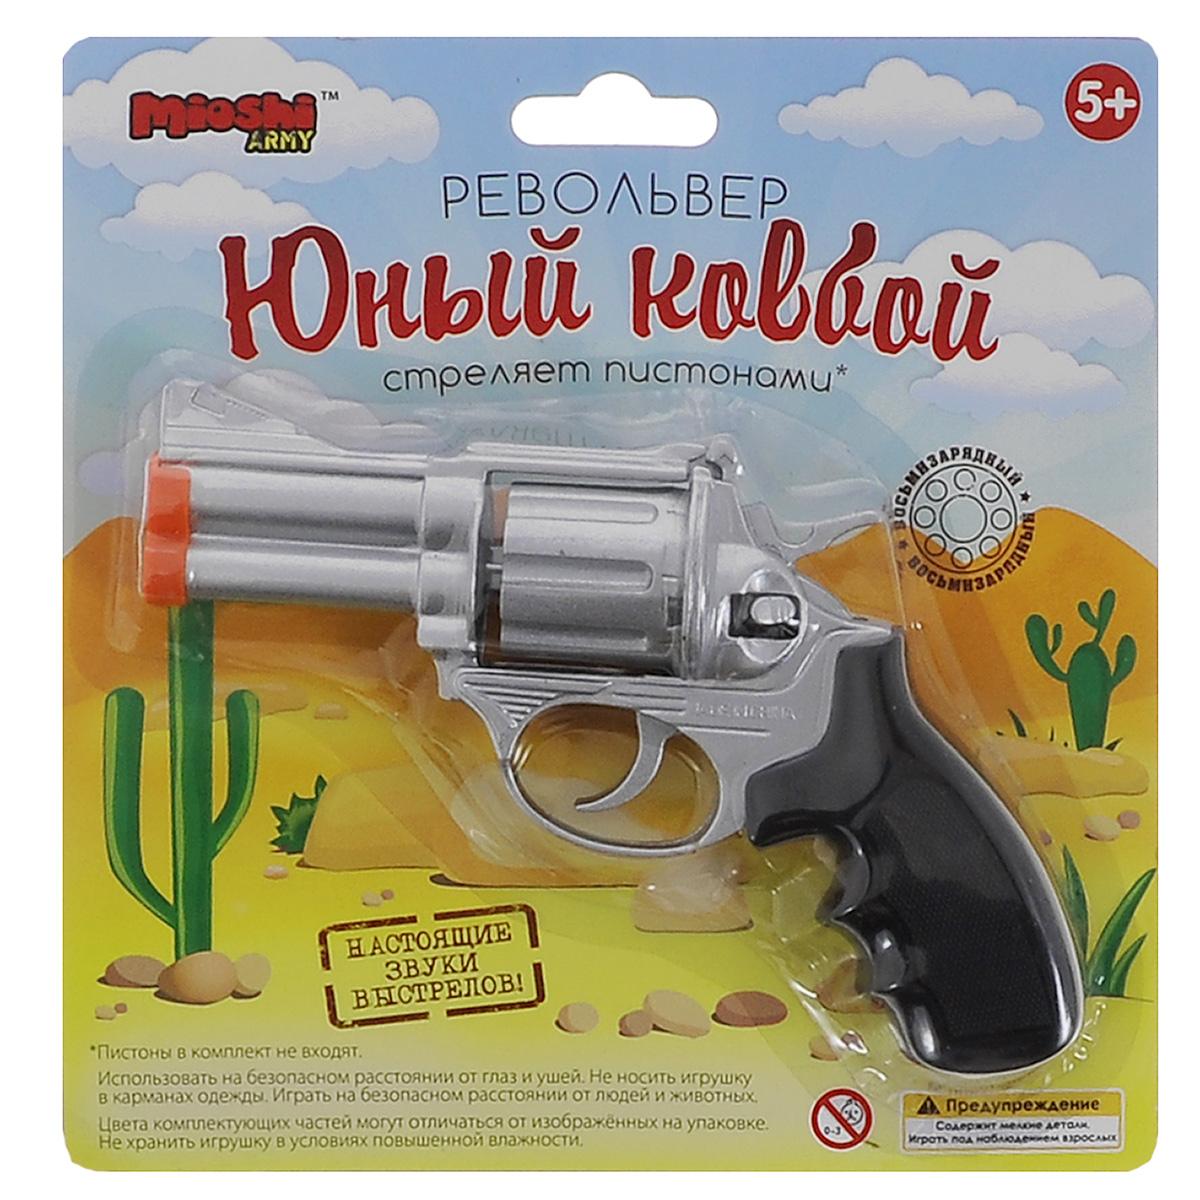 Револьвер Mioshi Army Юный ковбой, цвет: серый, черныйMAR1107-010Восьмизарядный револьвер с пистонами Рейнджер - это одновременно функциональная и безопасная игрушка. Сильный хлопок, похожий на звук настоящего выстрела, реалистичный дизайн оружия - все это не оставит равнодушным ни одного мальчика! Корпус и барабан пистолета выполнены из прочного металла.